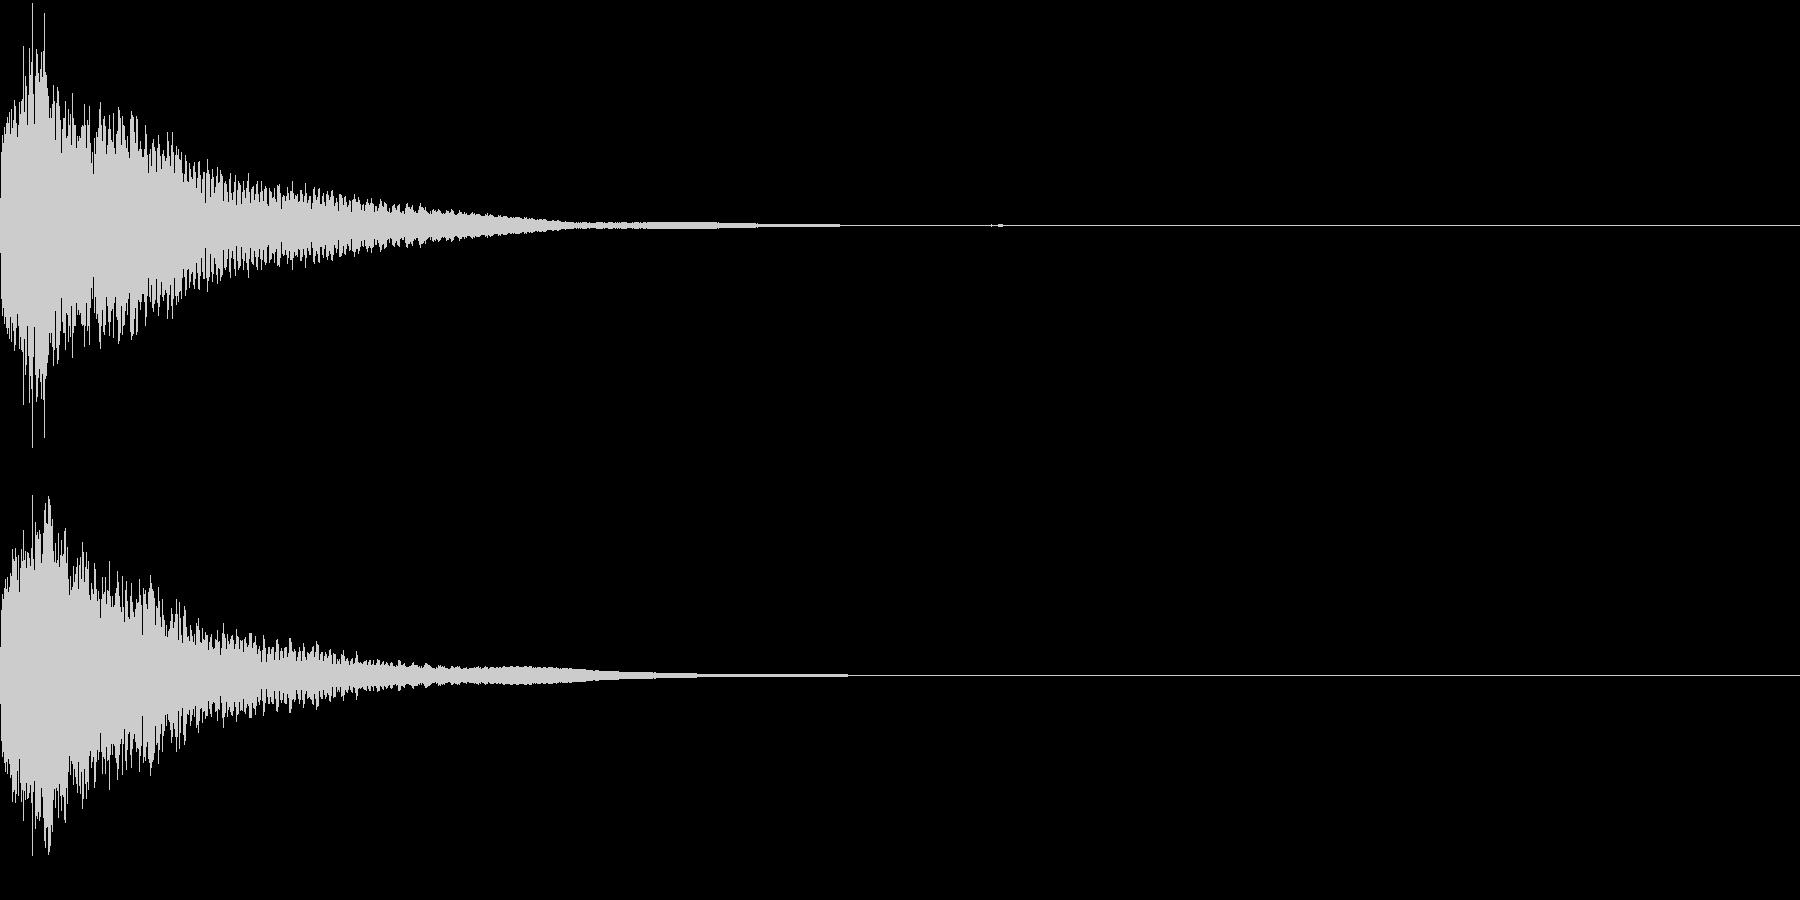 刀 一撃 キュイーン キーン 斬撃 04の未再生の波形